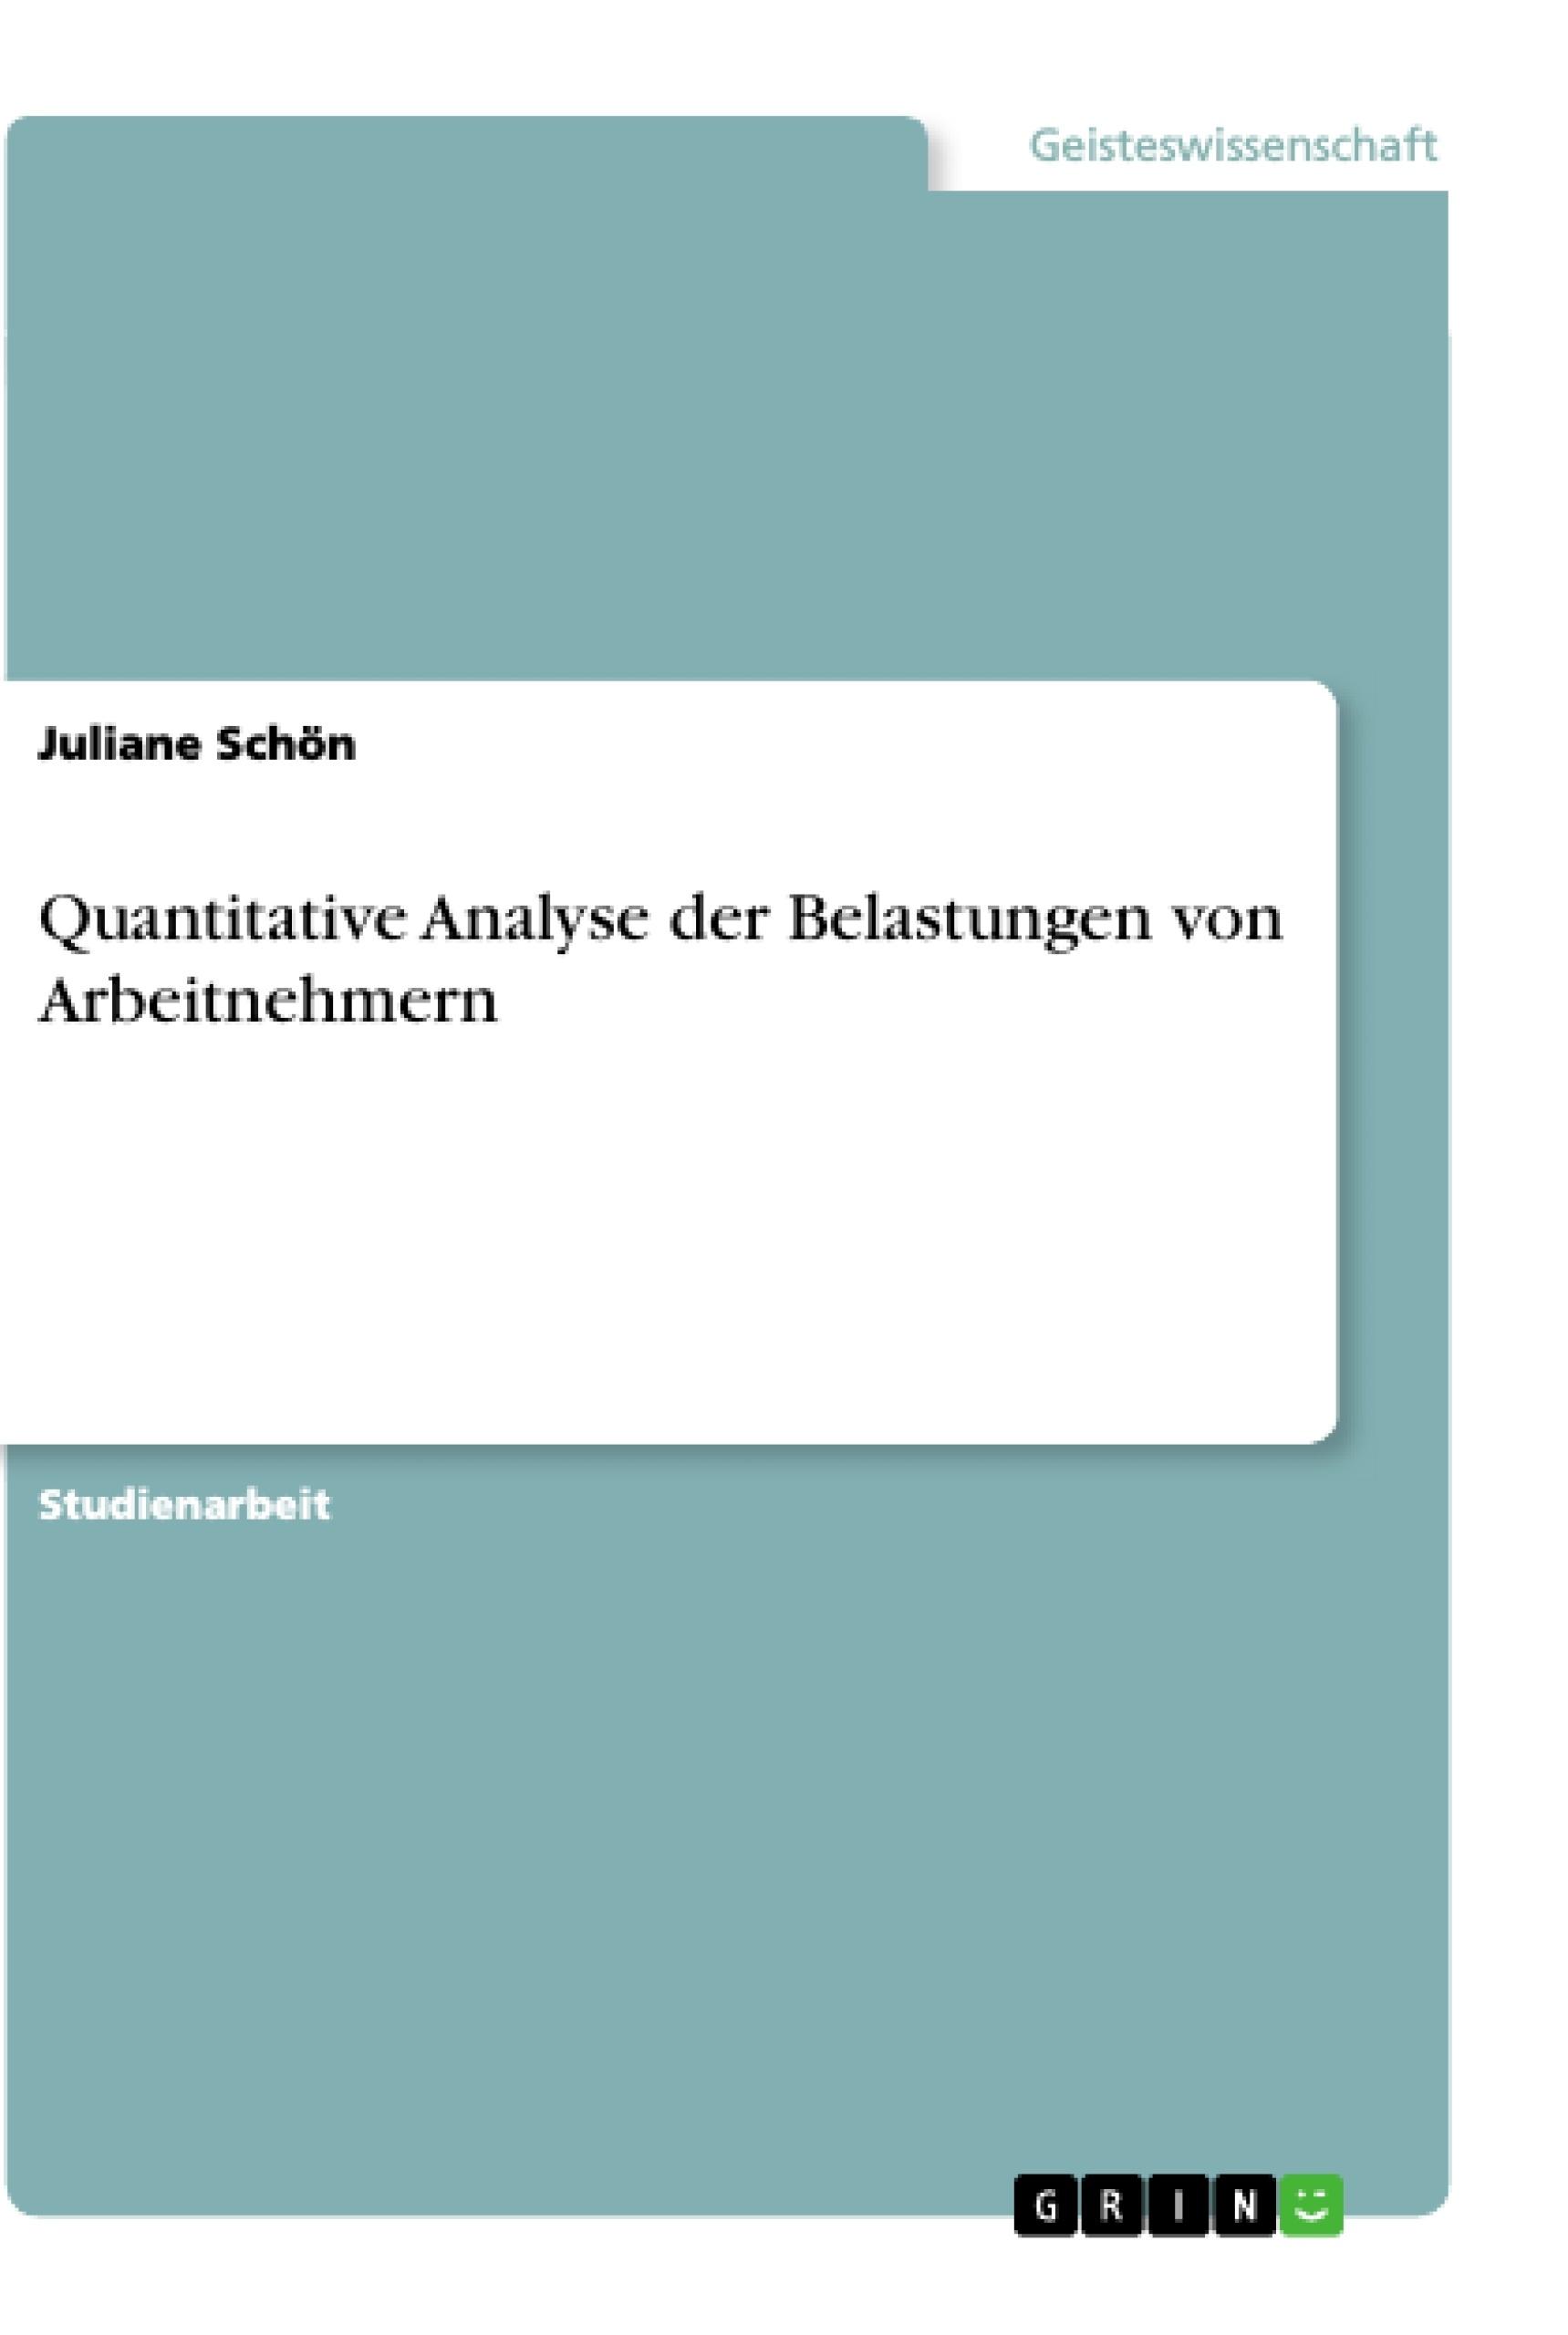 Titel: Quantitative Analyse der Belastungen von Arbeitnehmern